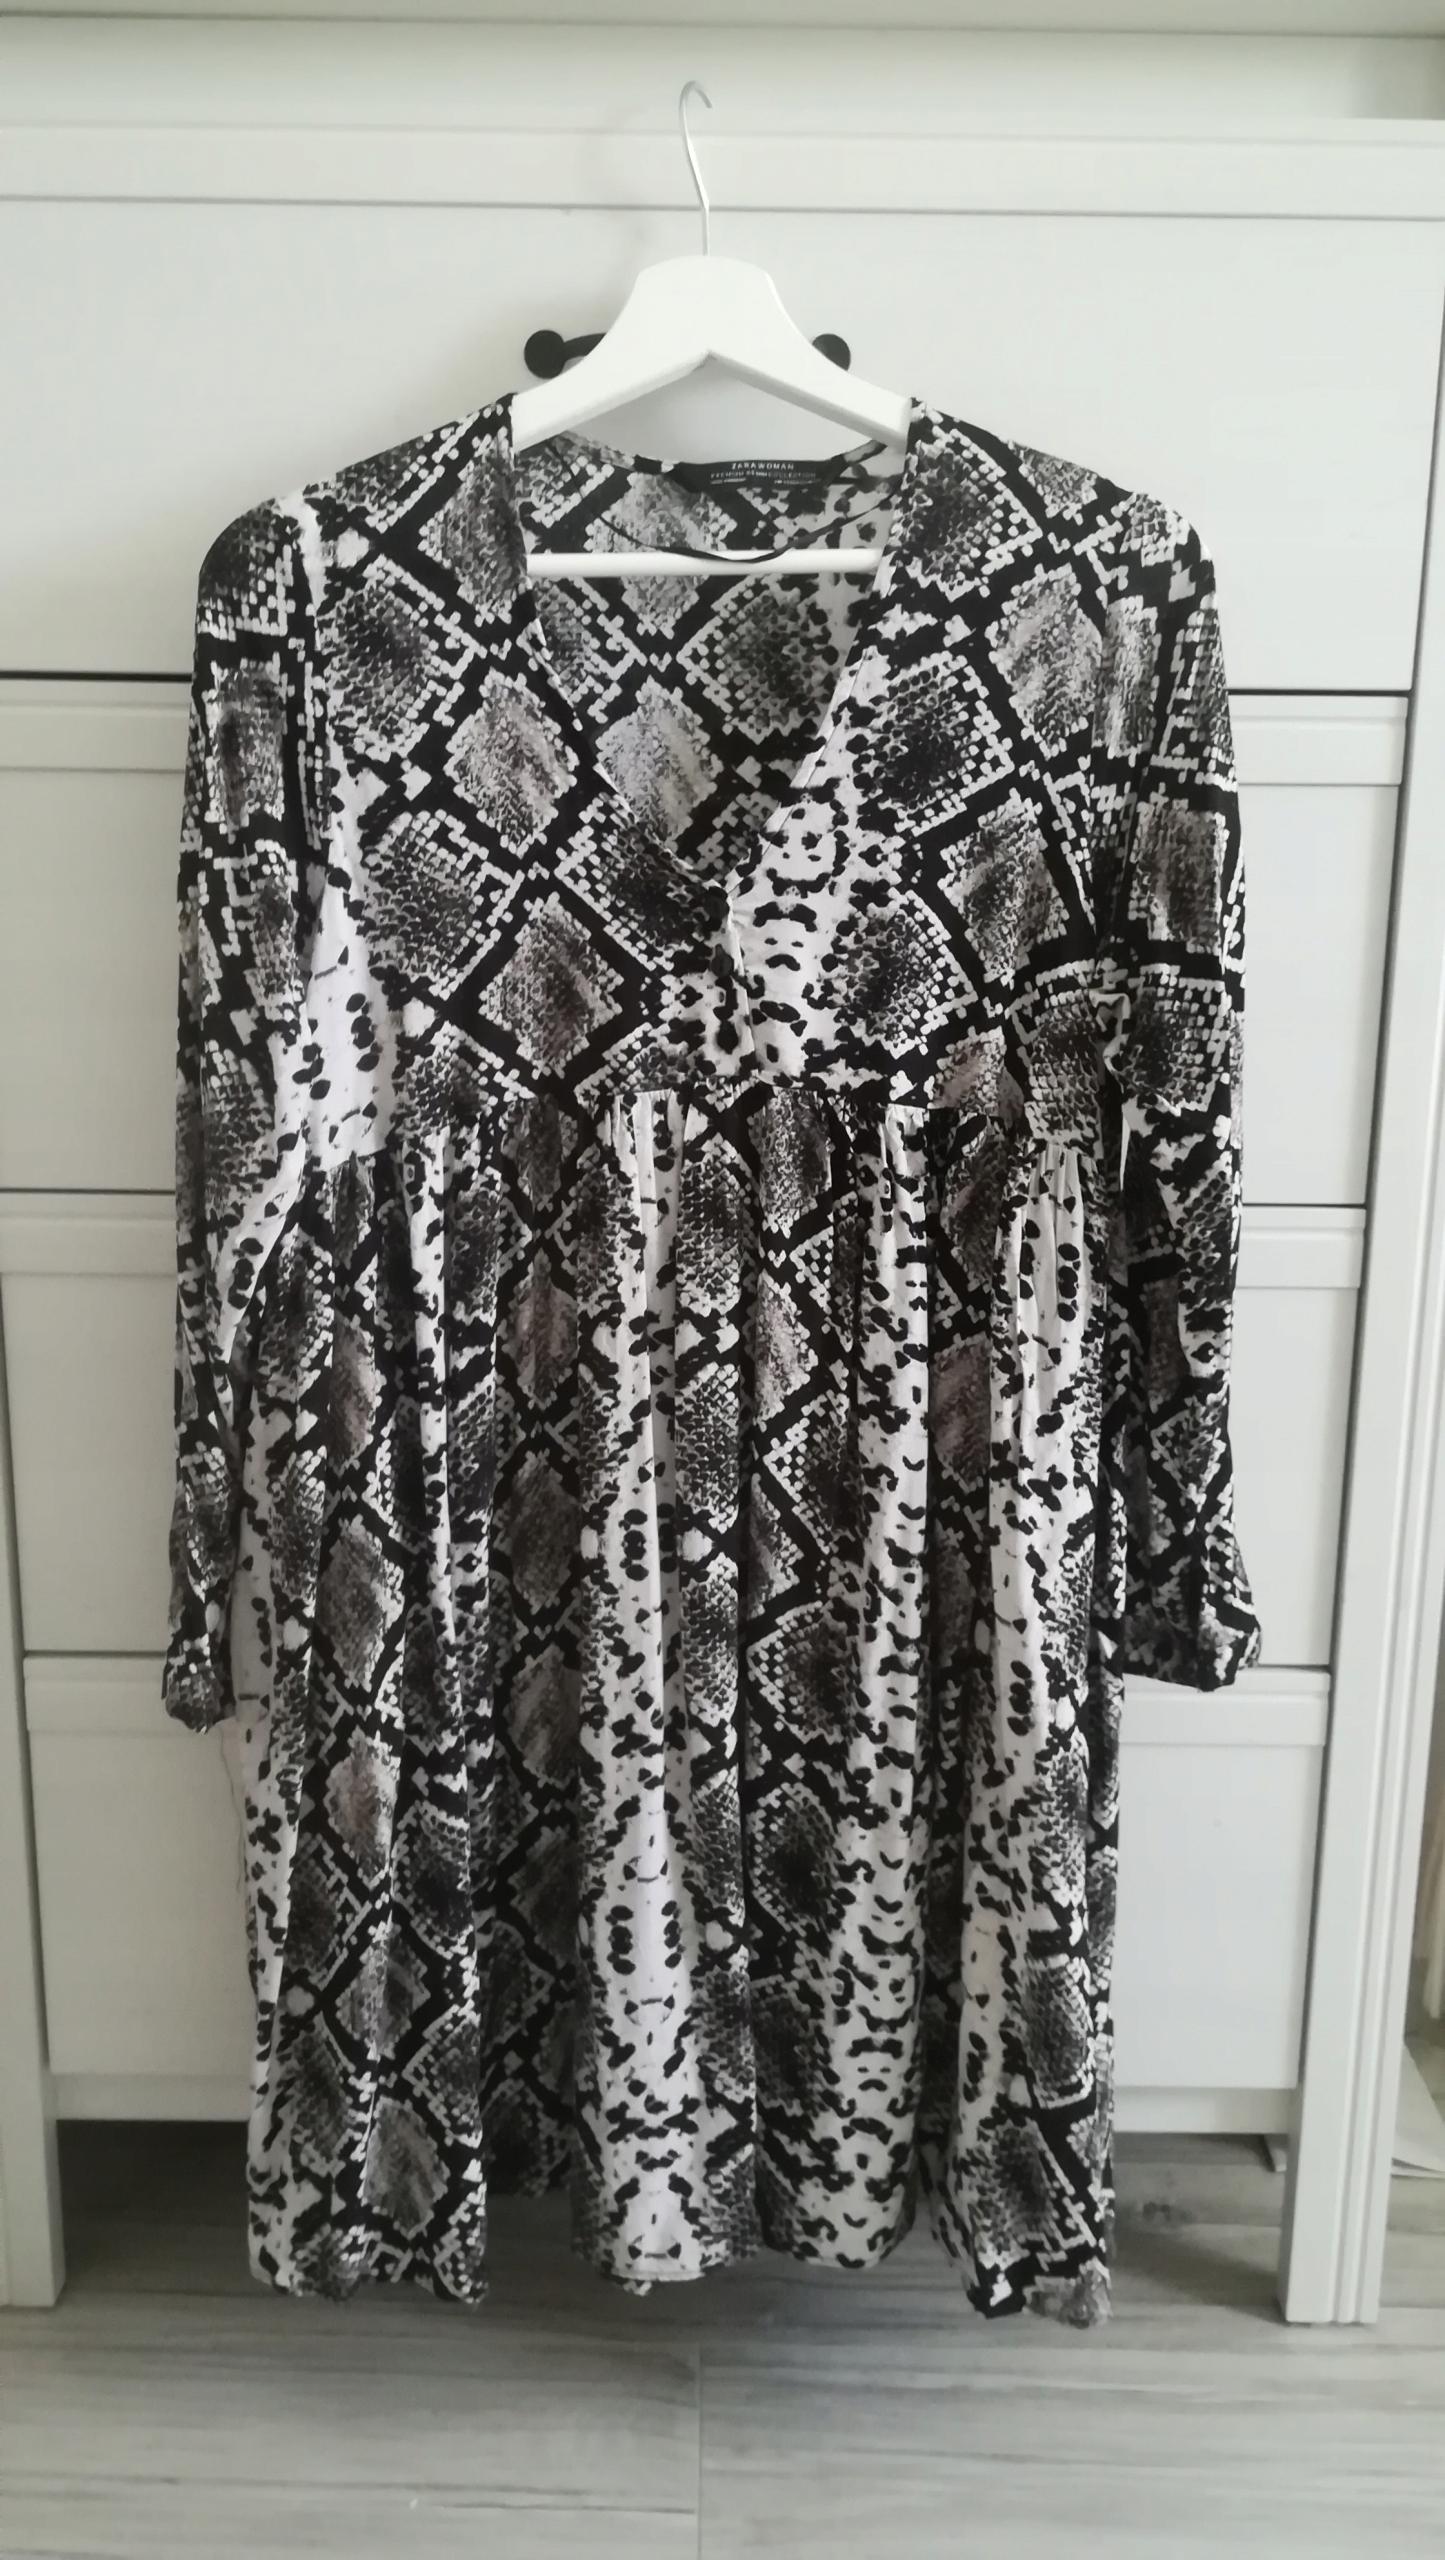 Zara Woman sukienka wężowa oversize skóra węża xs